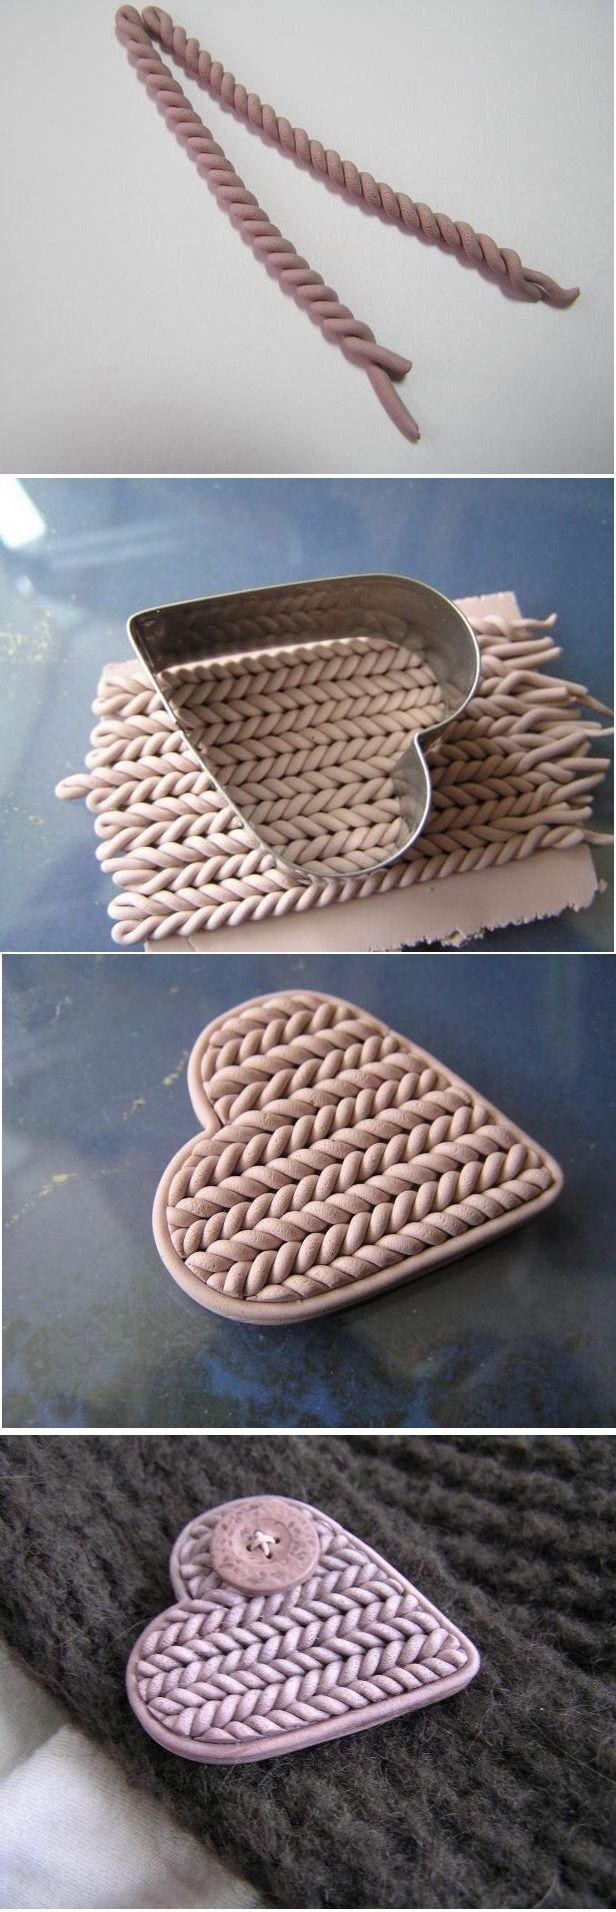 Inspiração Biscuit Polymer Clay Fimo Porcelana fria porcelain cold clay